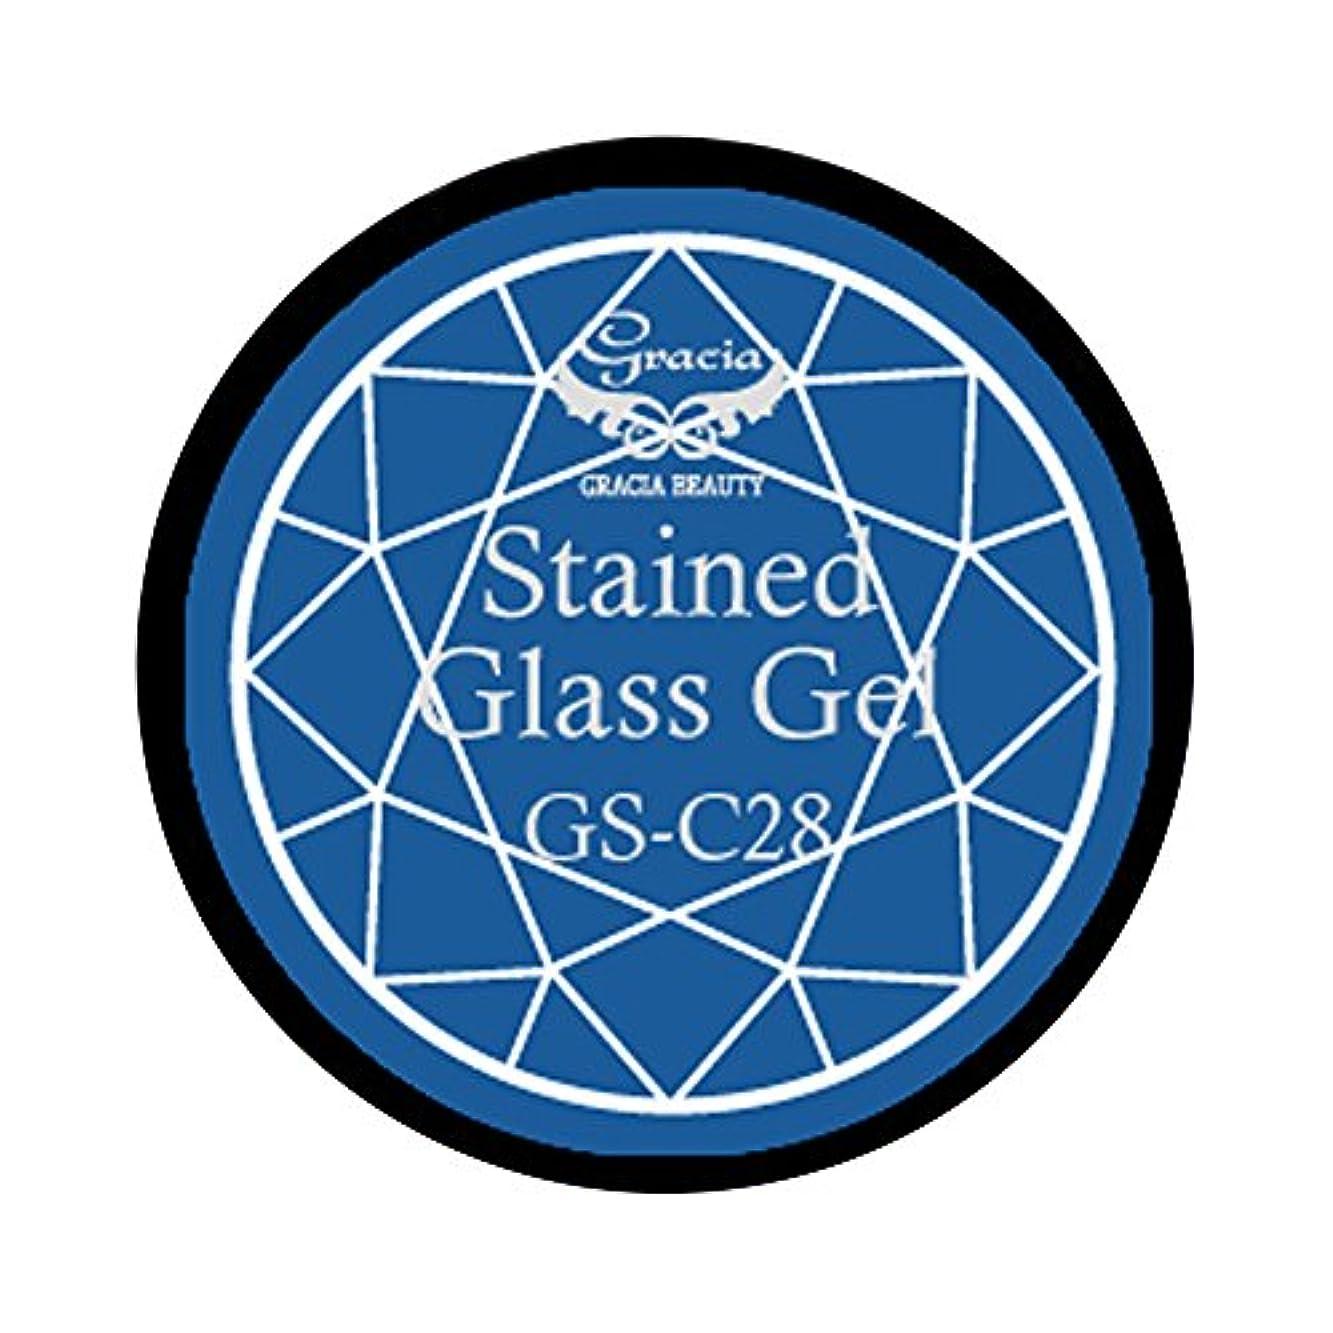 小麦成果軽蔑グラシア ジェルネイル ステンドグラスジェル GSM-C28 3g  クリア UV/LED対応 カラージェル ソークオフジェル ガラスのような透明感